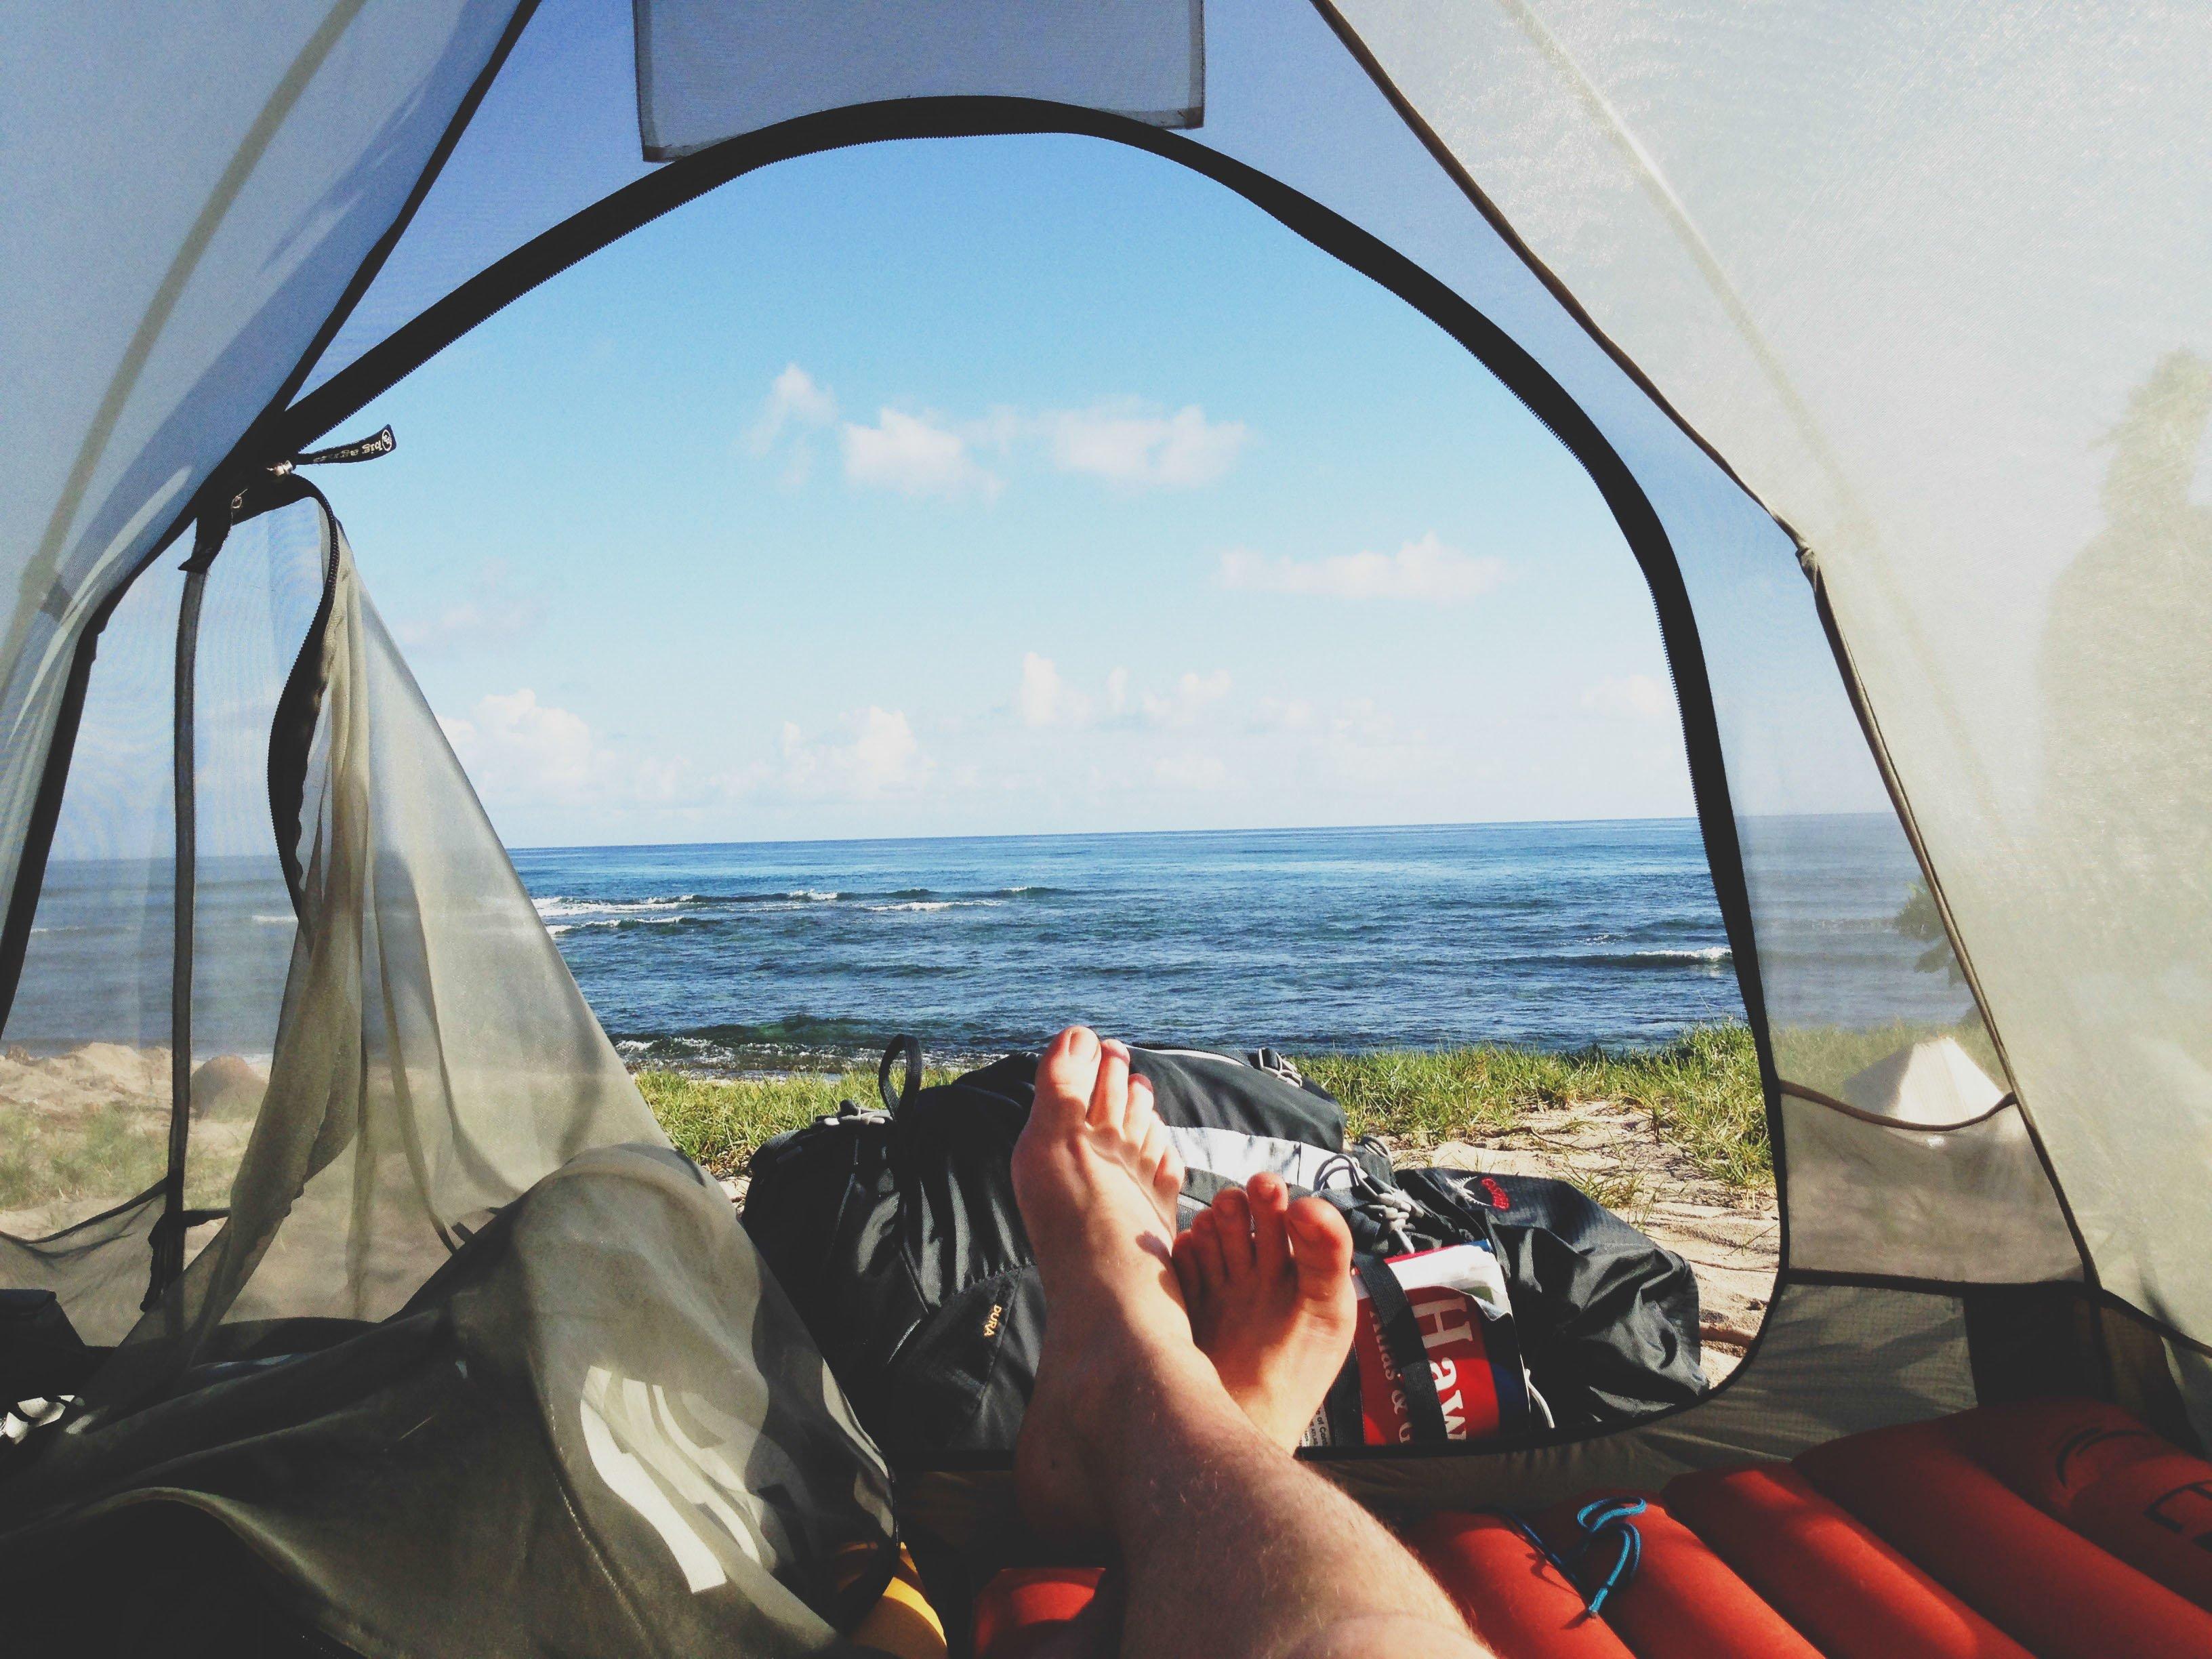 Das einfache Leben - Reisen erinnert an das Wesentliche © StockSnap/Zak Suhar